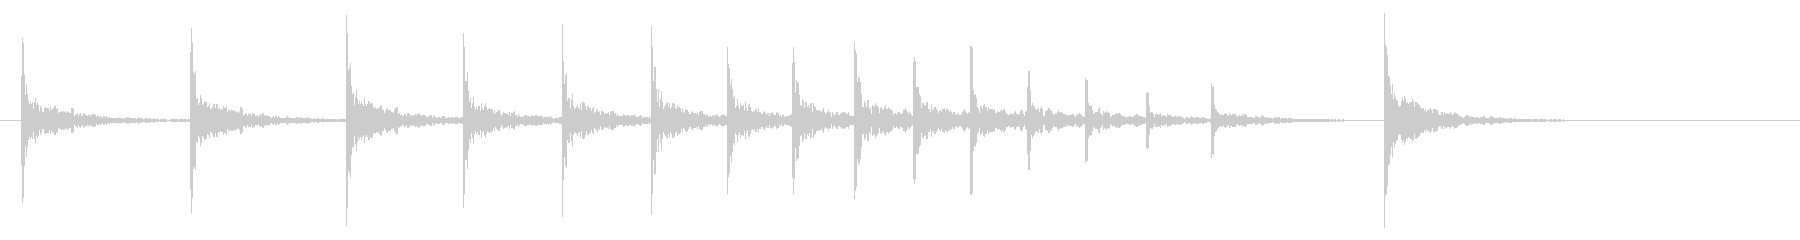 拍子木02-3の未再生の波形